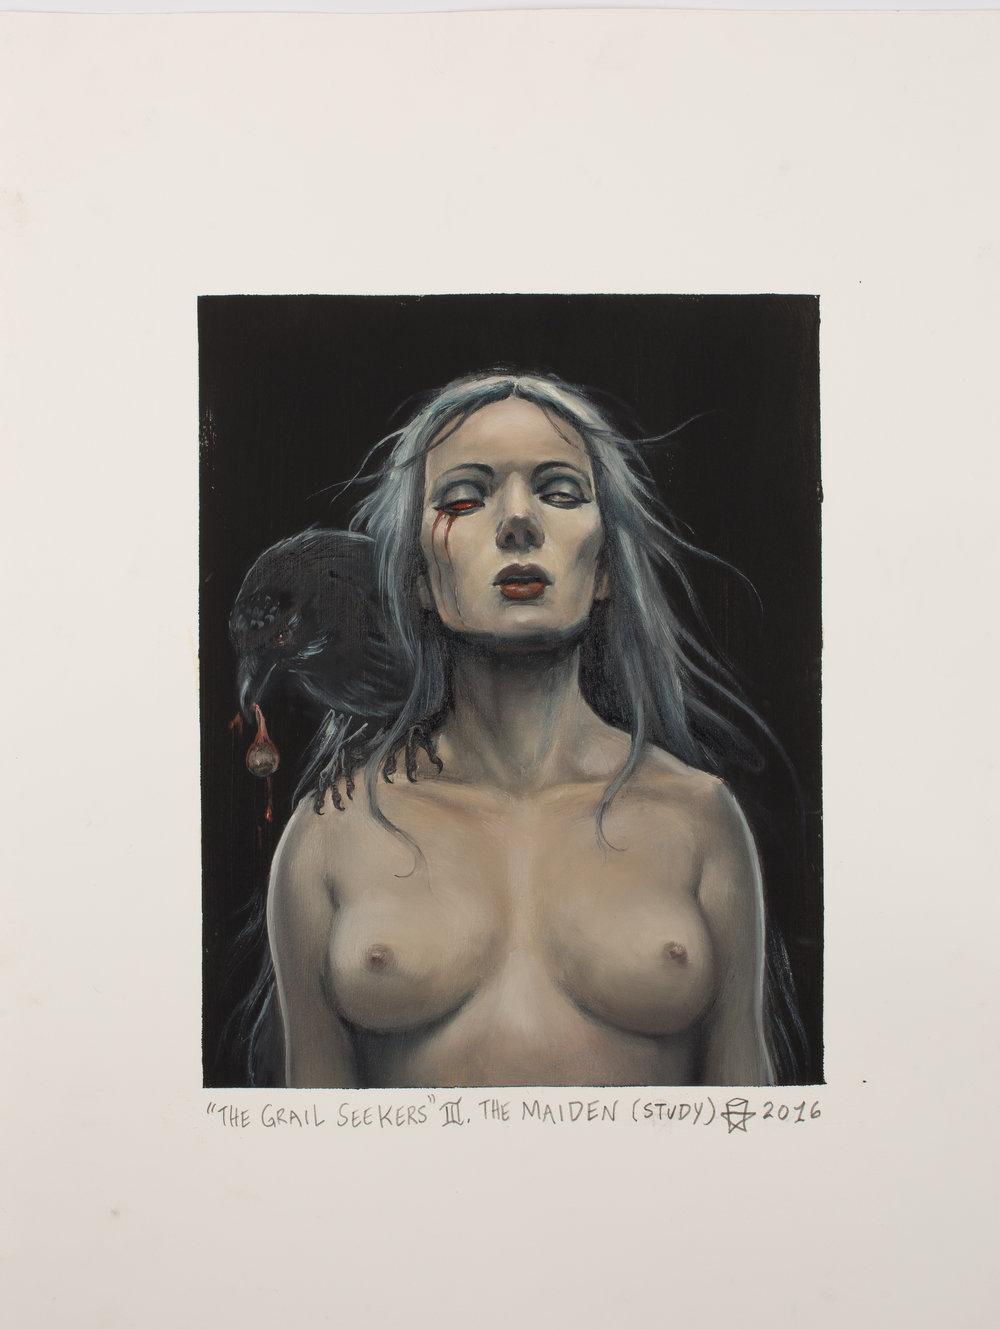 Ulrich-maiden.study.jpg